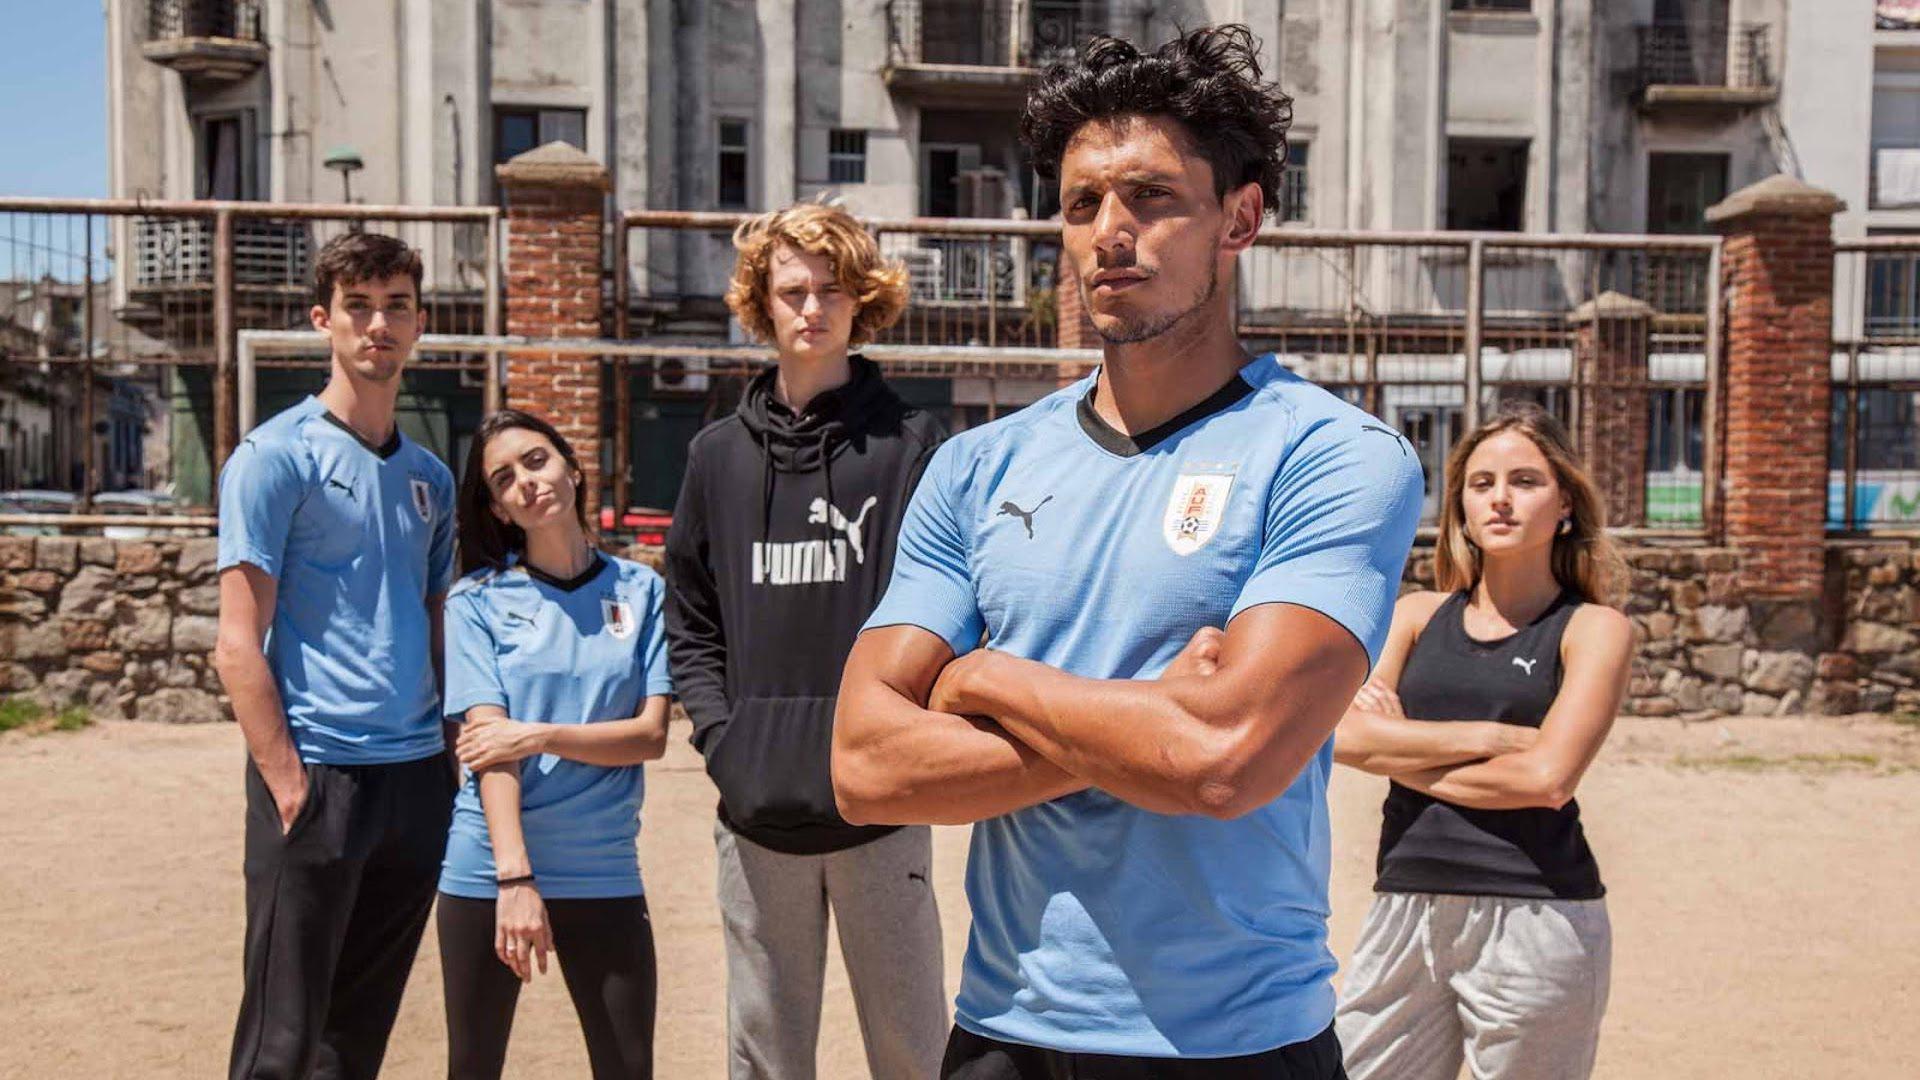 divisa nazionale calcio uruguay mondiali 2018